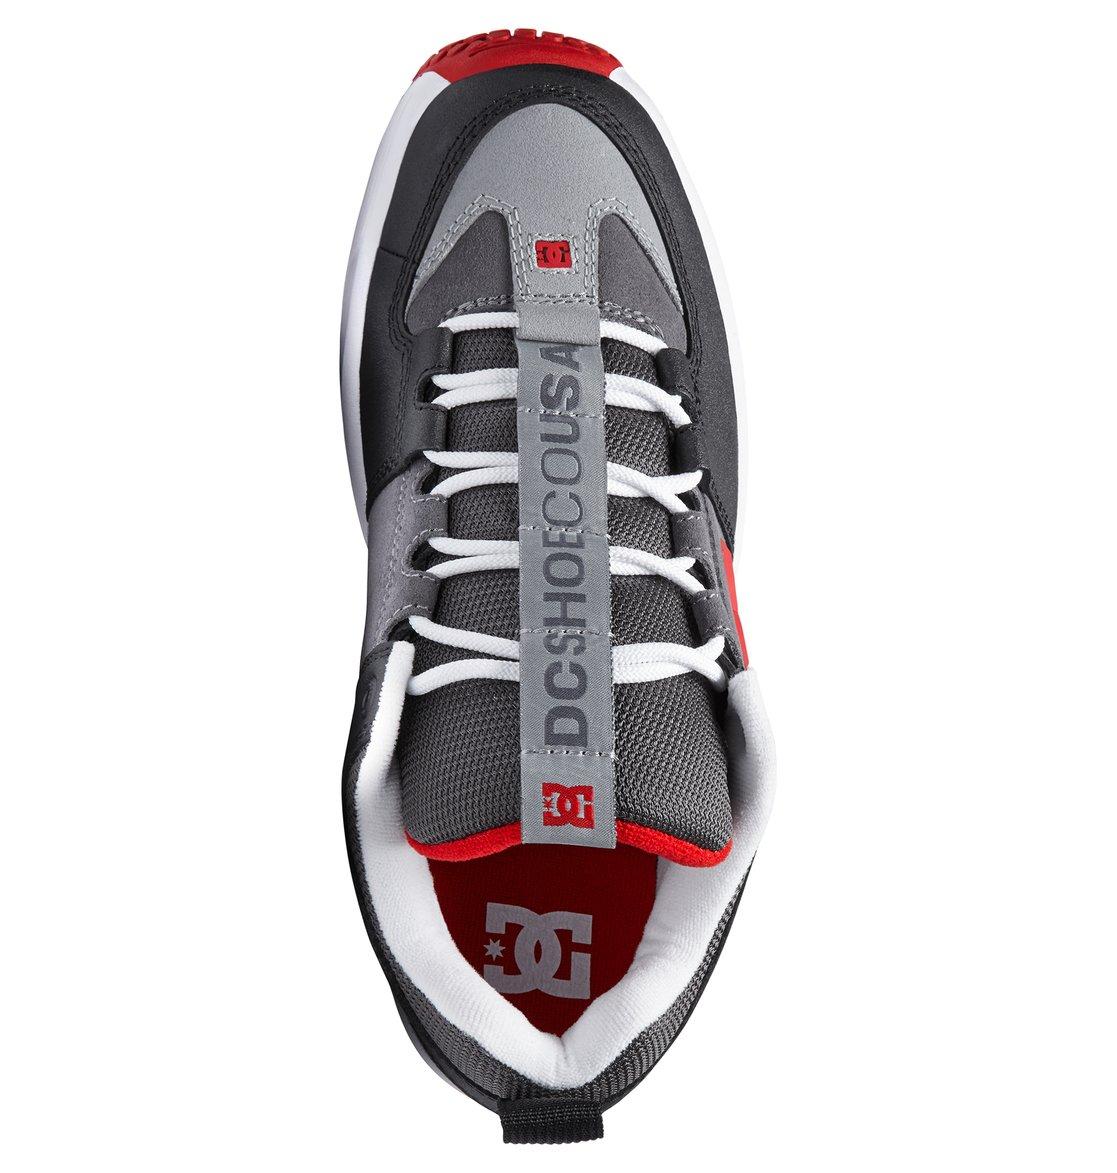 9d4e05134b 3 LYNX OG LUX ADYS100425 DC Shoes